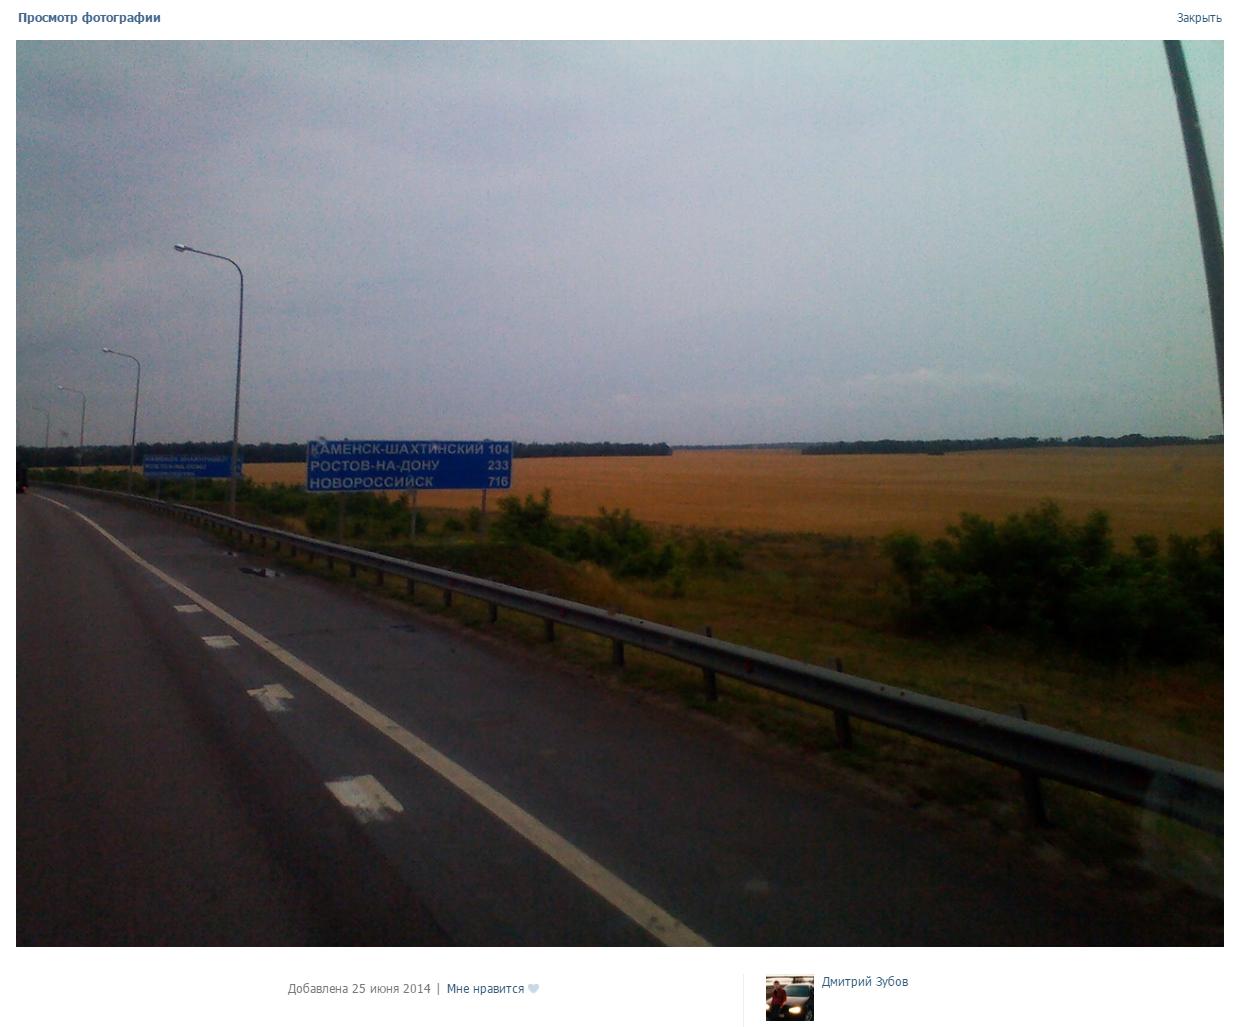 Украинские воины не покинут Широкино, пока террористы не прекратят обстрелы, - спикер АТО - Цензор.НЕТ 4534